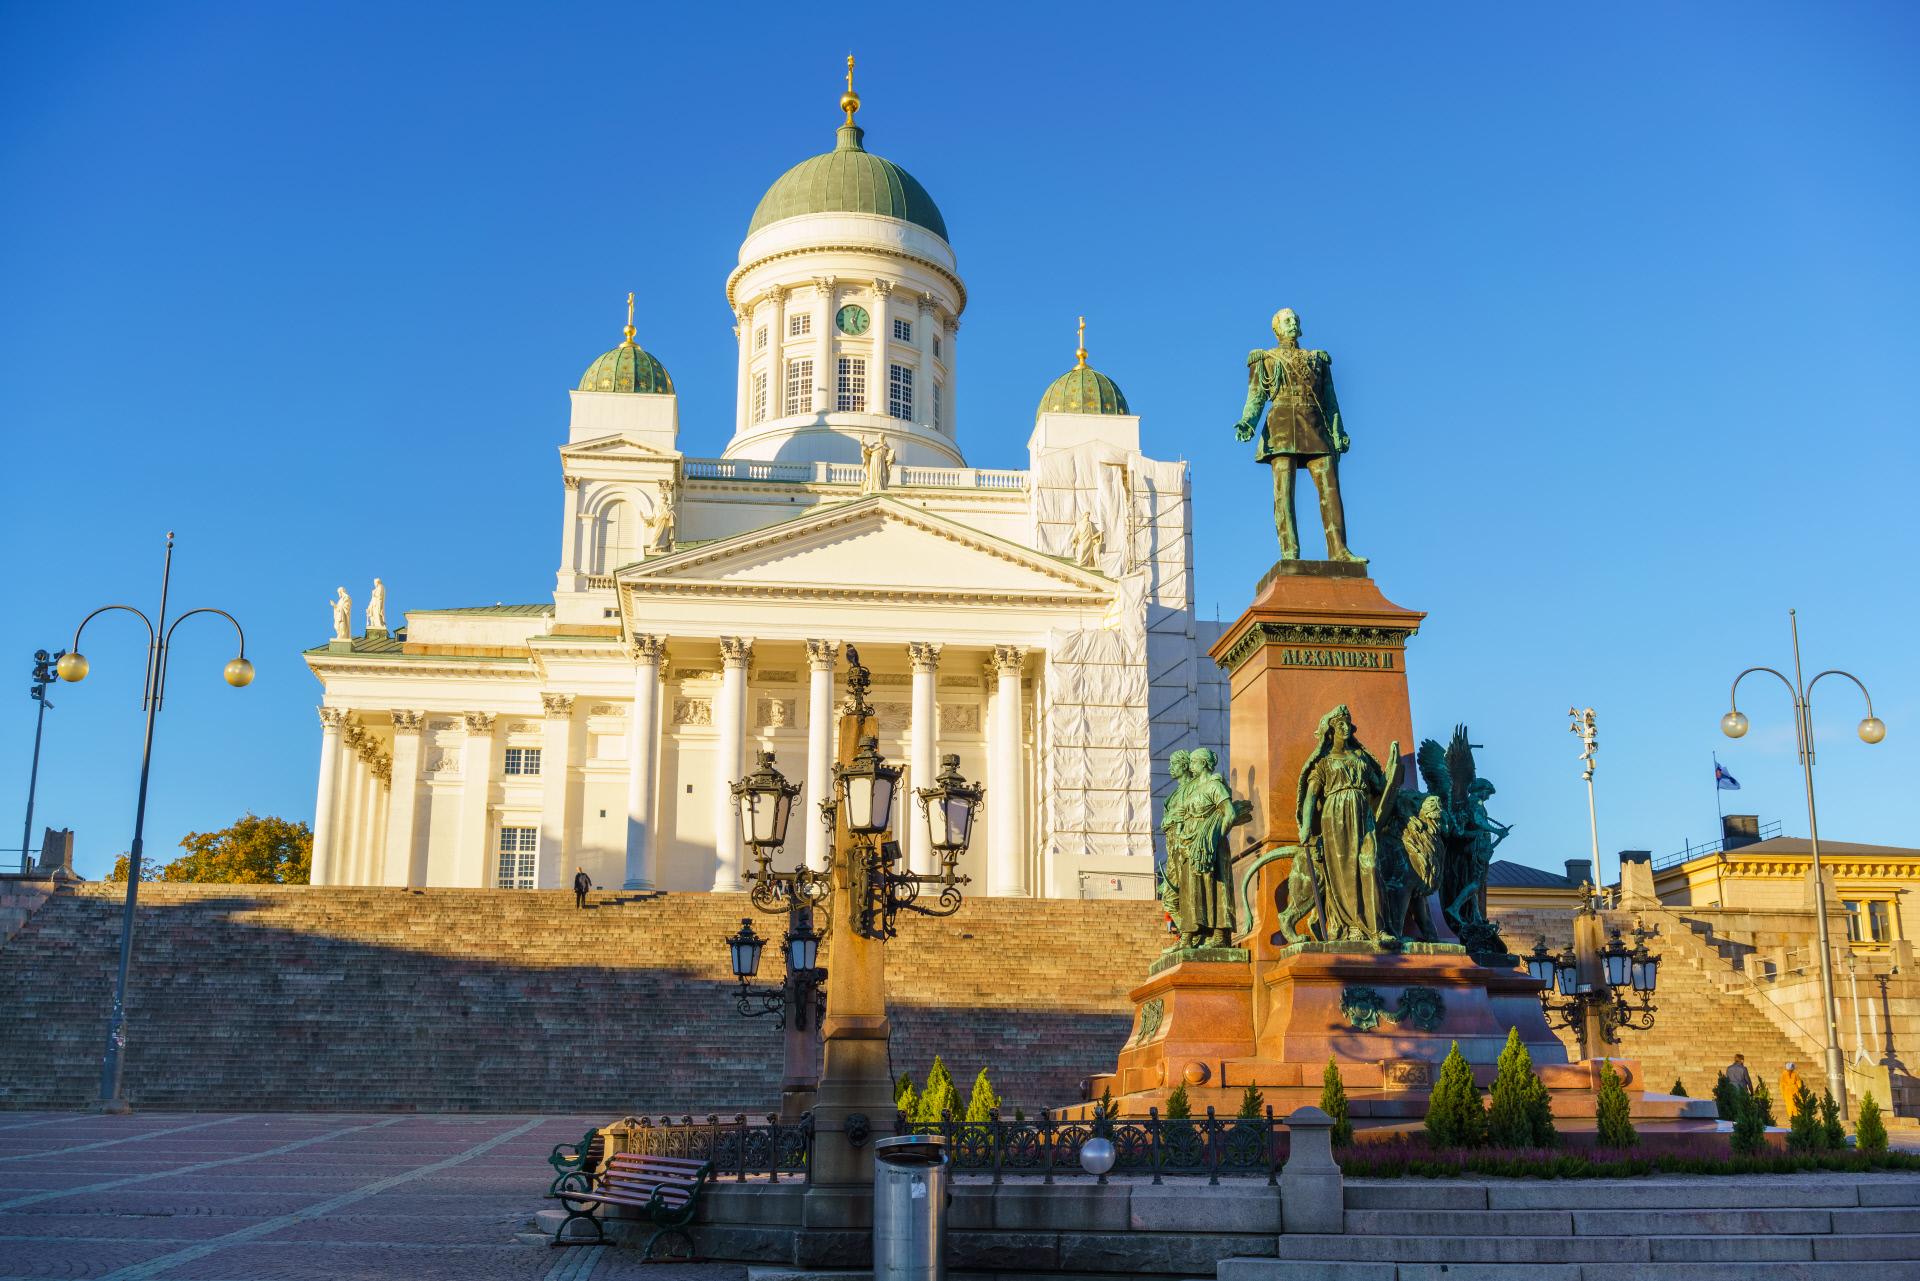 La catedral de Helsinki